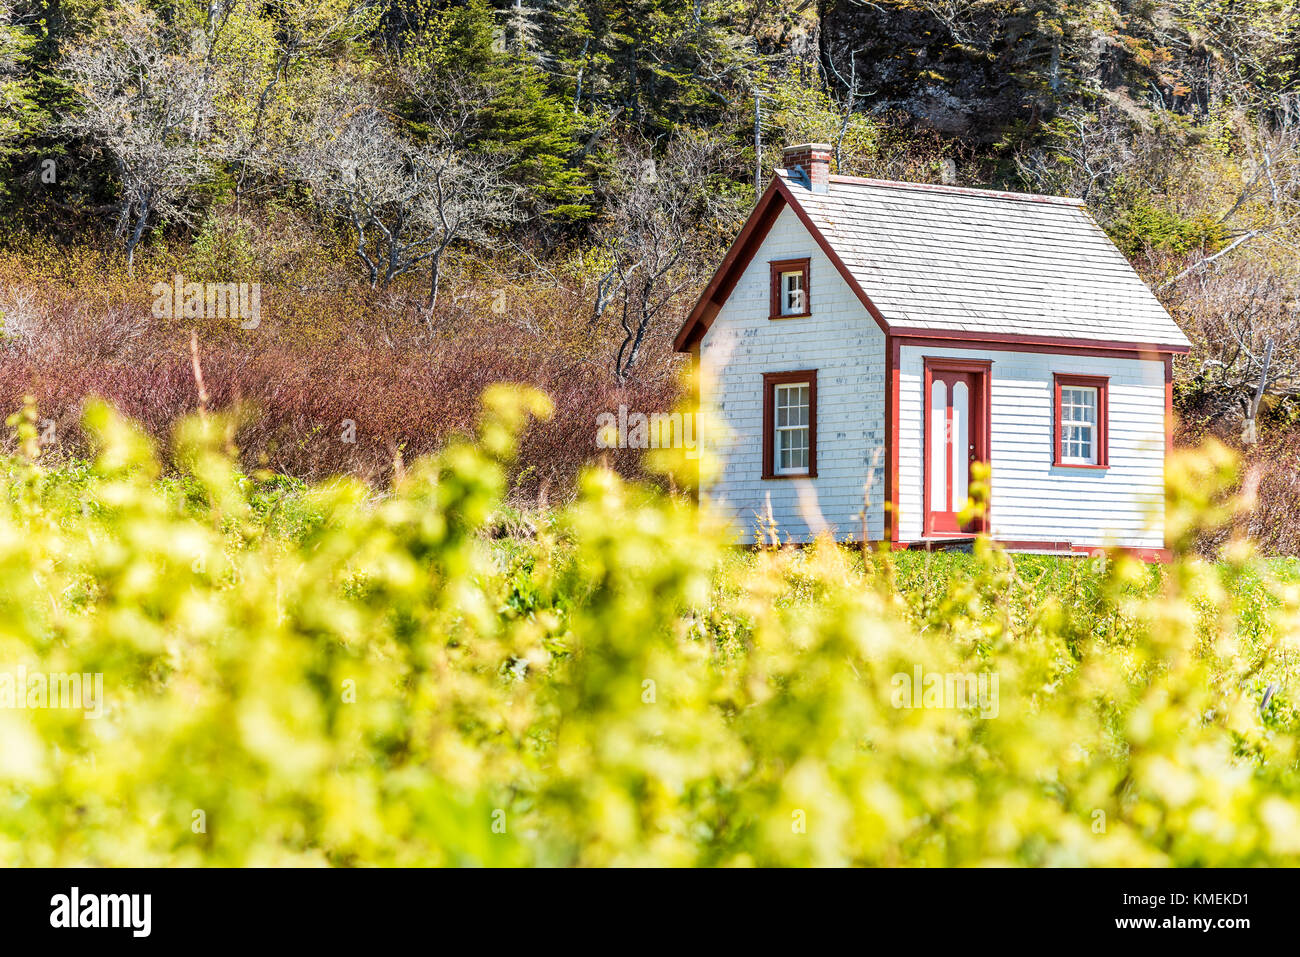 Alte Vintage White Und Roten Holzhaus Landhaus Auf Einem Hügel In  Idyllischer Landschaft, Garten Im